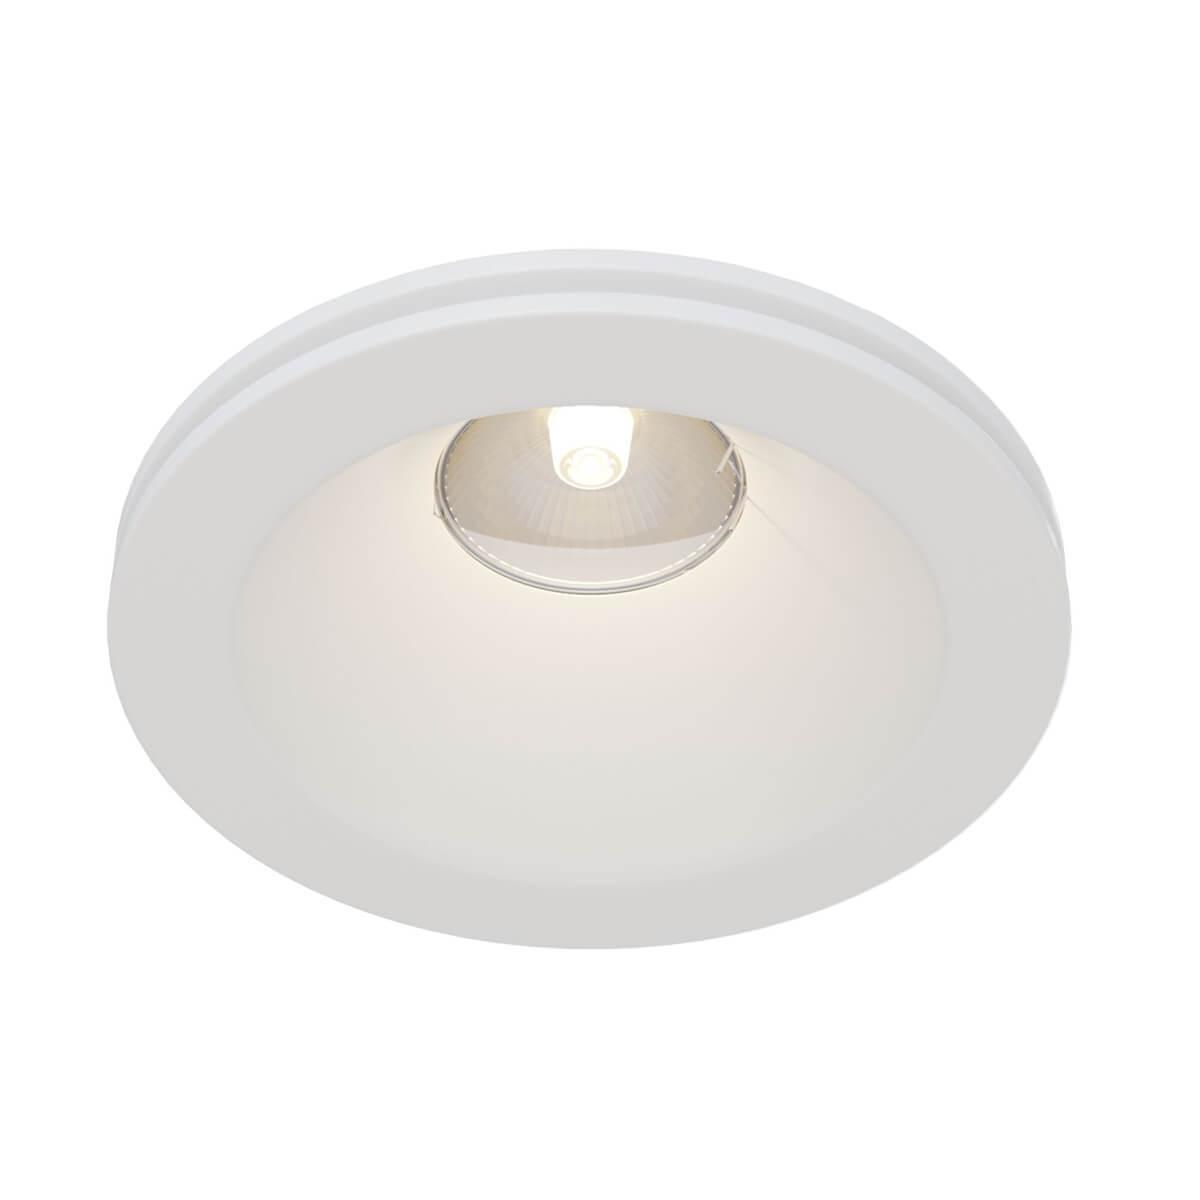 Светильник Maytoni DL002-1-01-W Gyps (Возможна покраска)